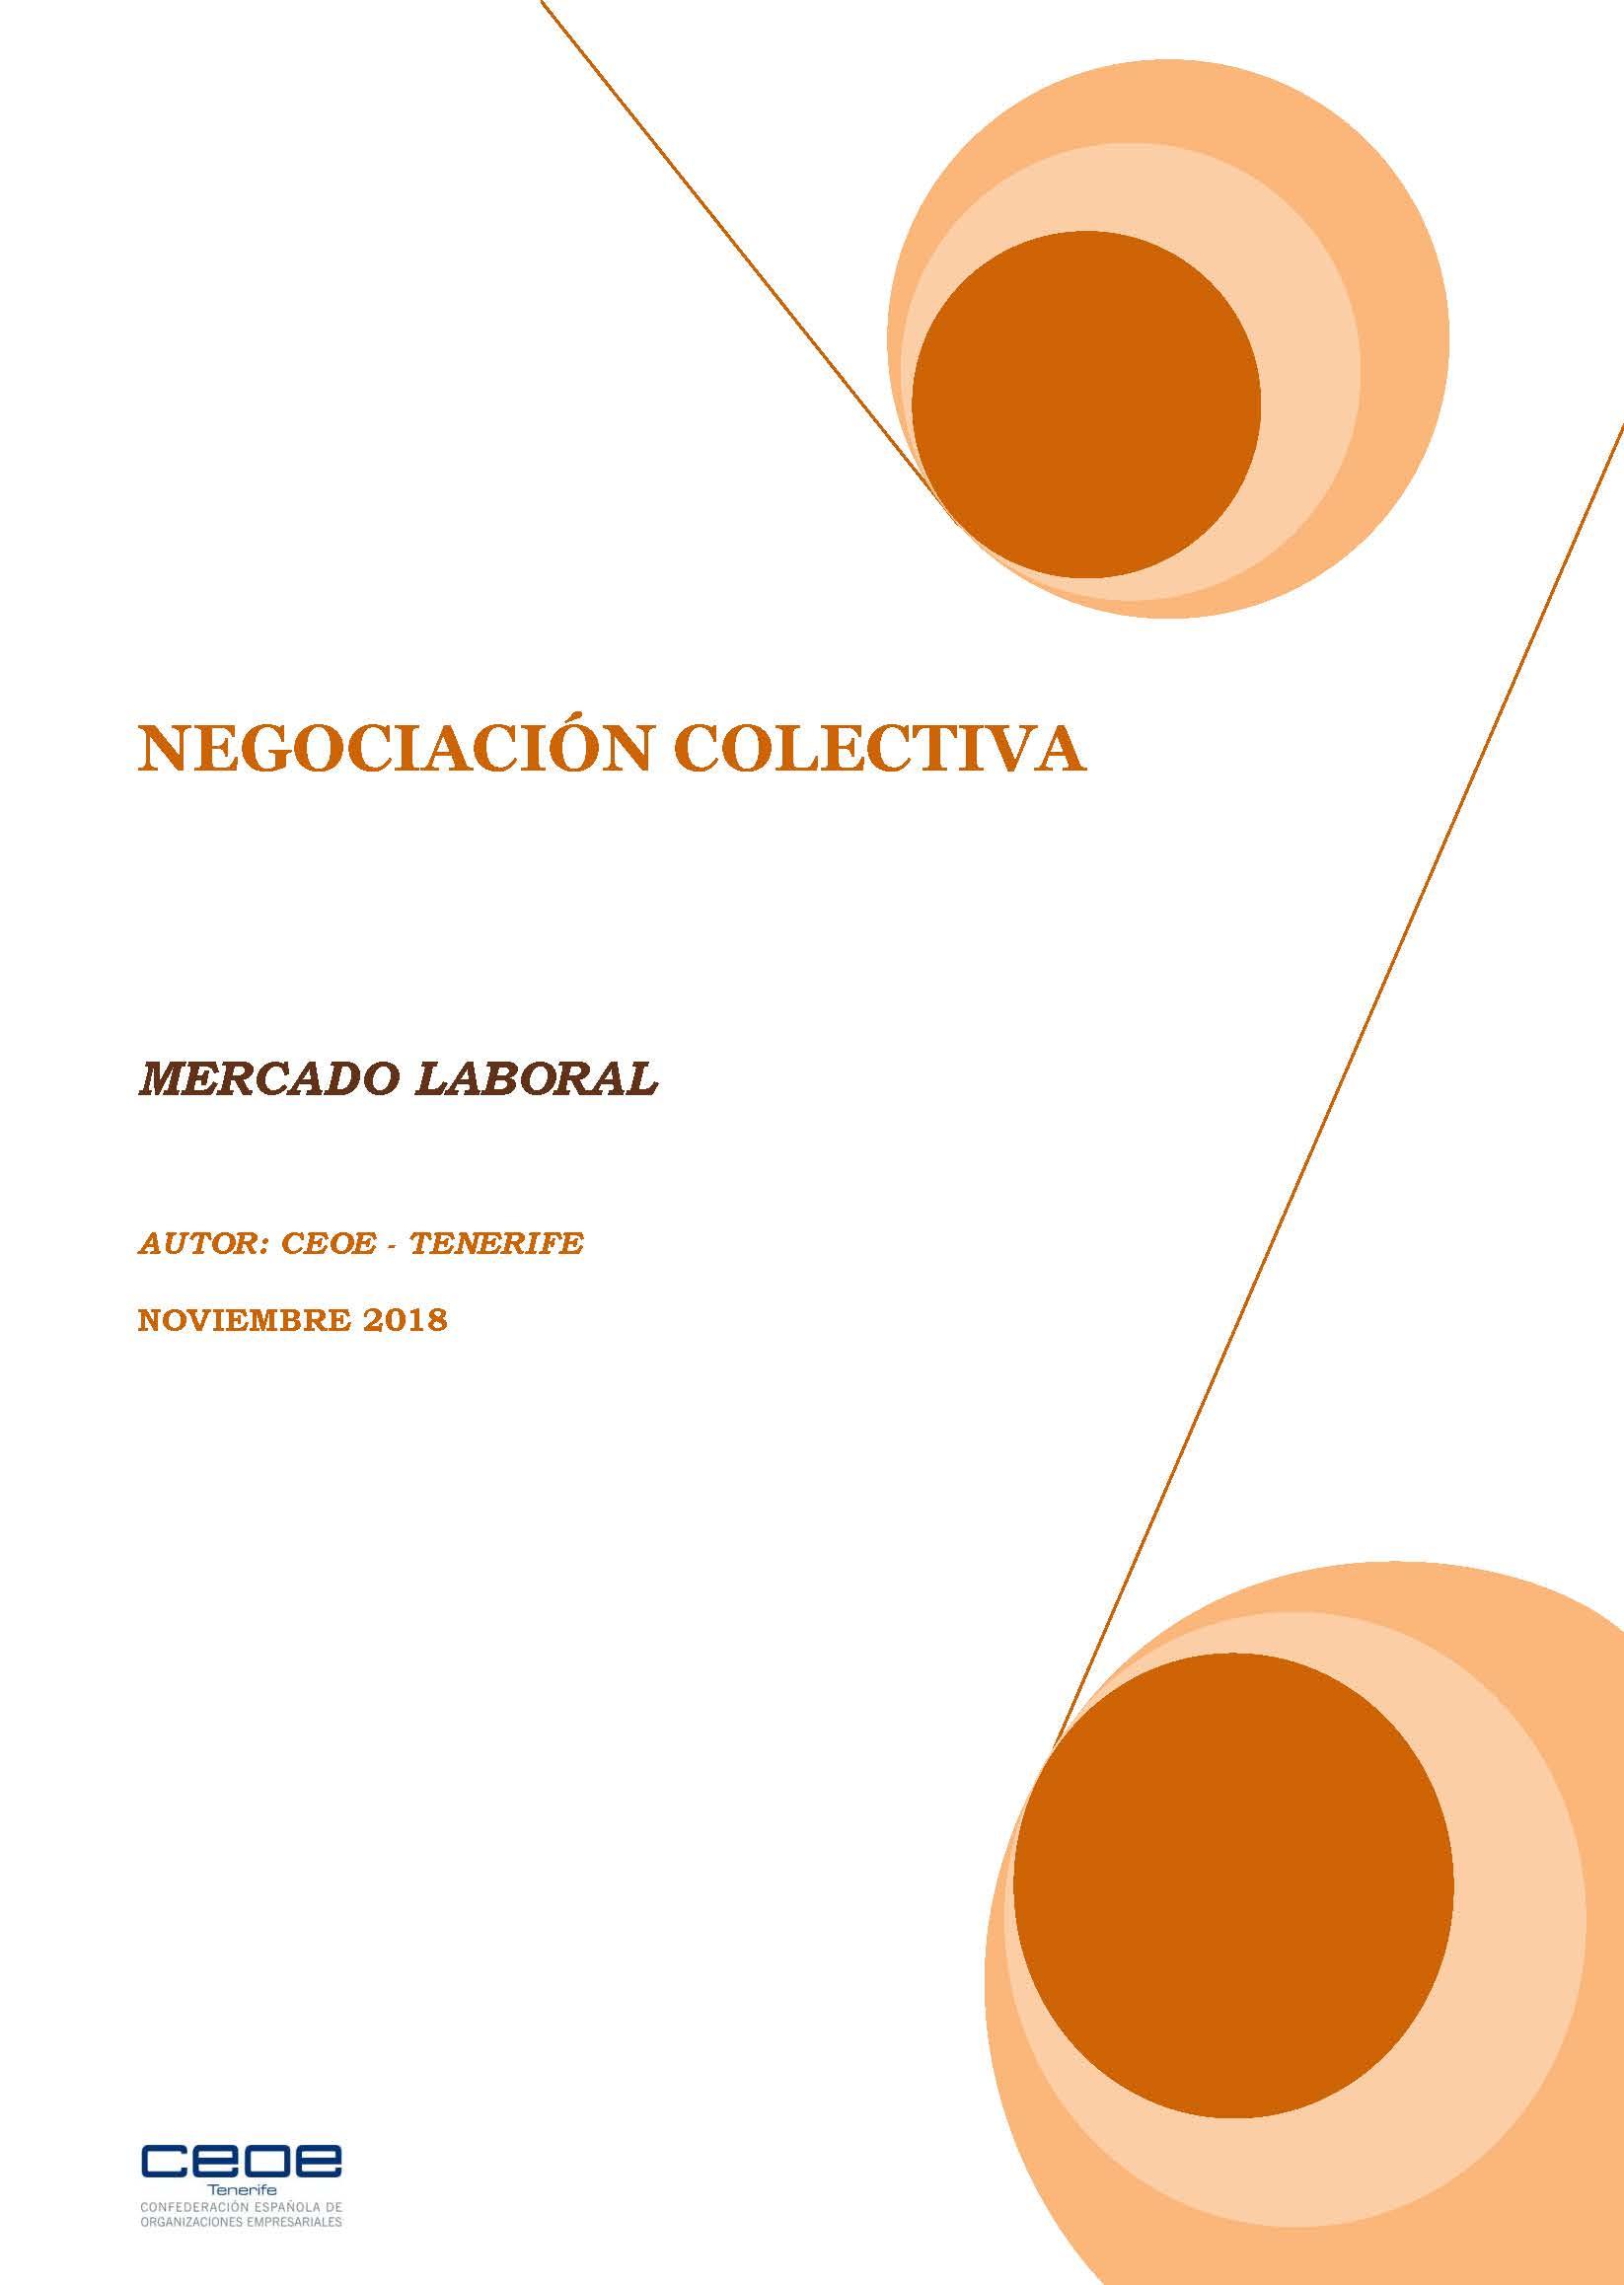 MERCADO LABORAL - NEGOCIACION COLECTIVA NOVIEMBRE 2018